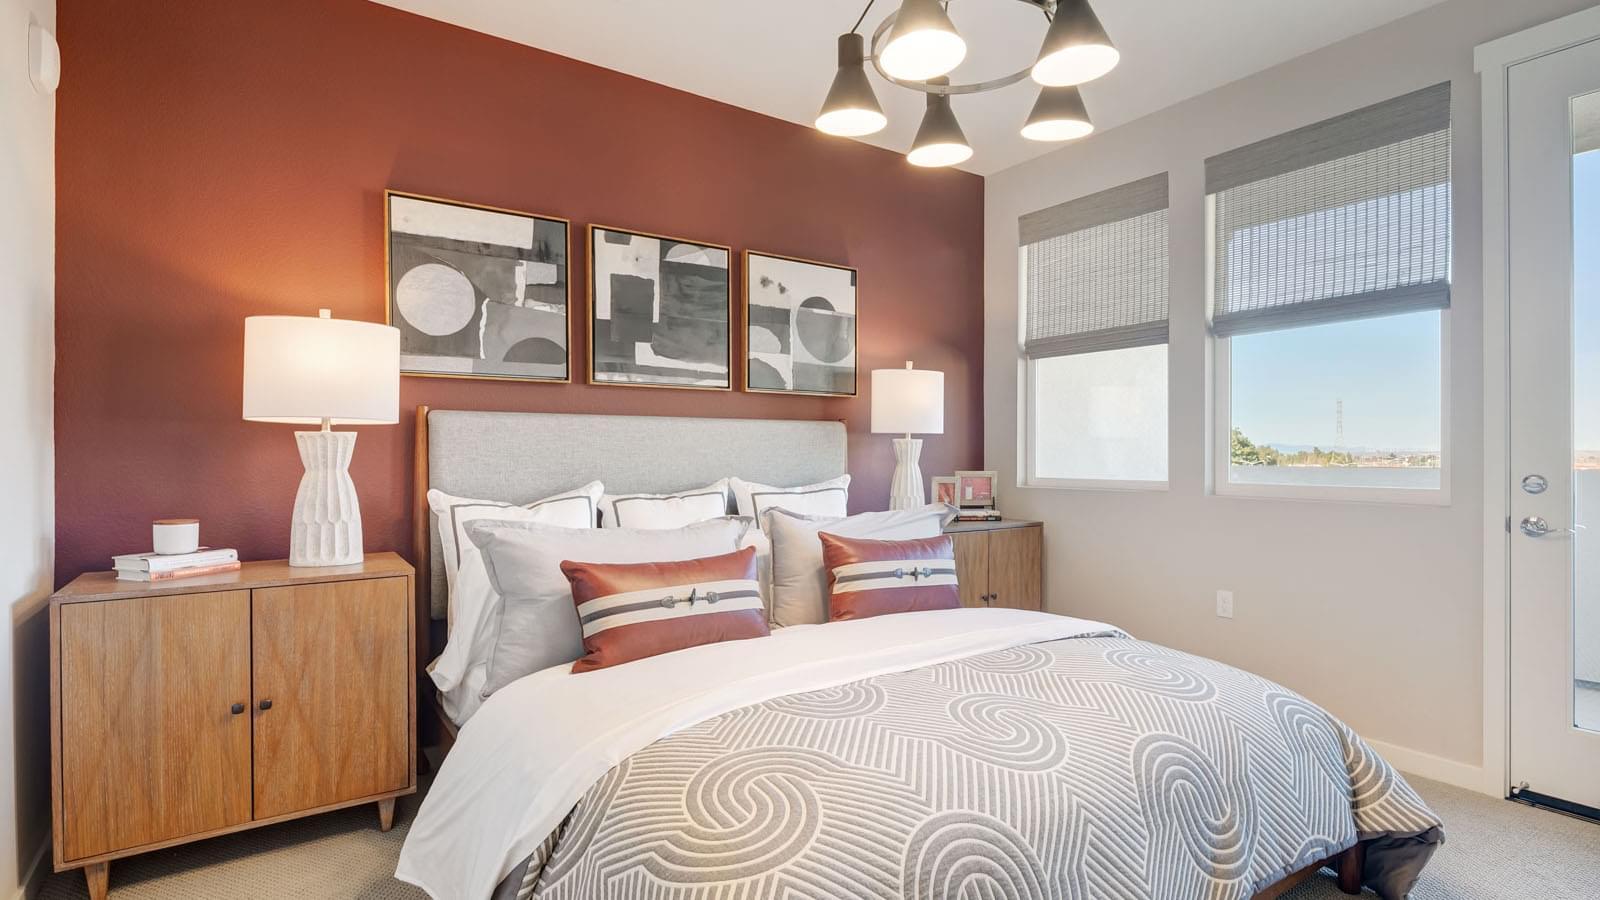 Residence 3 Owner's Bedroom